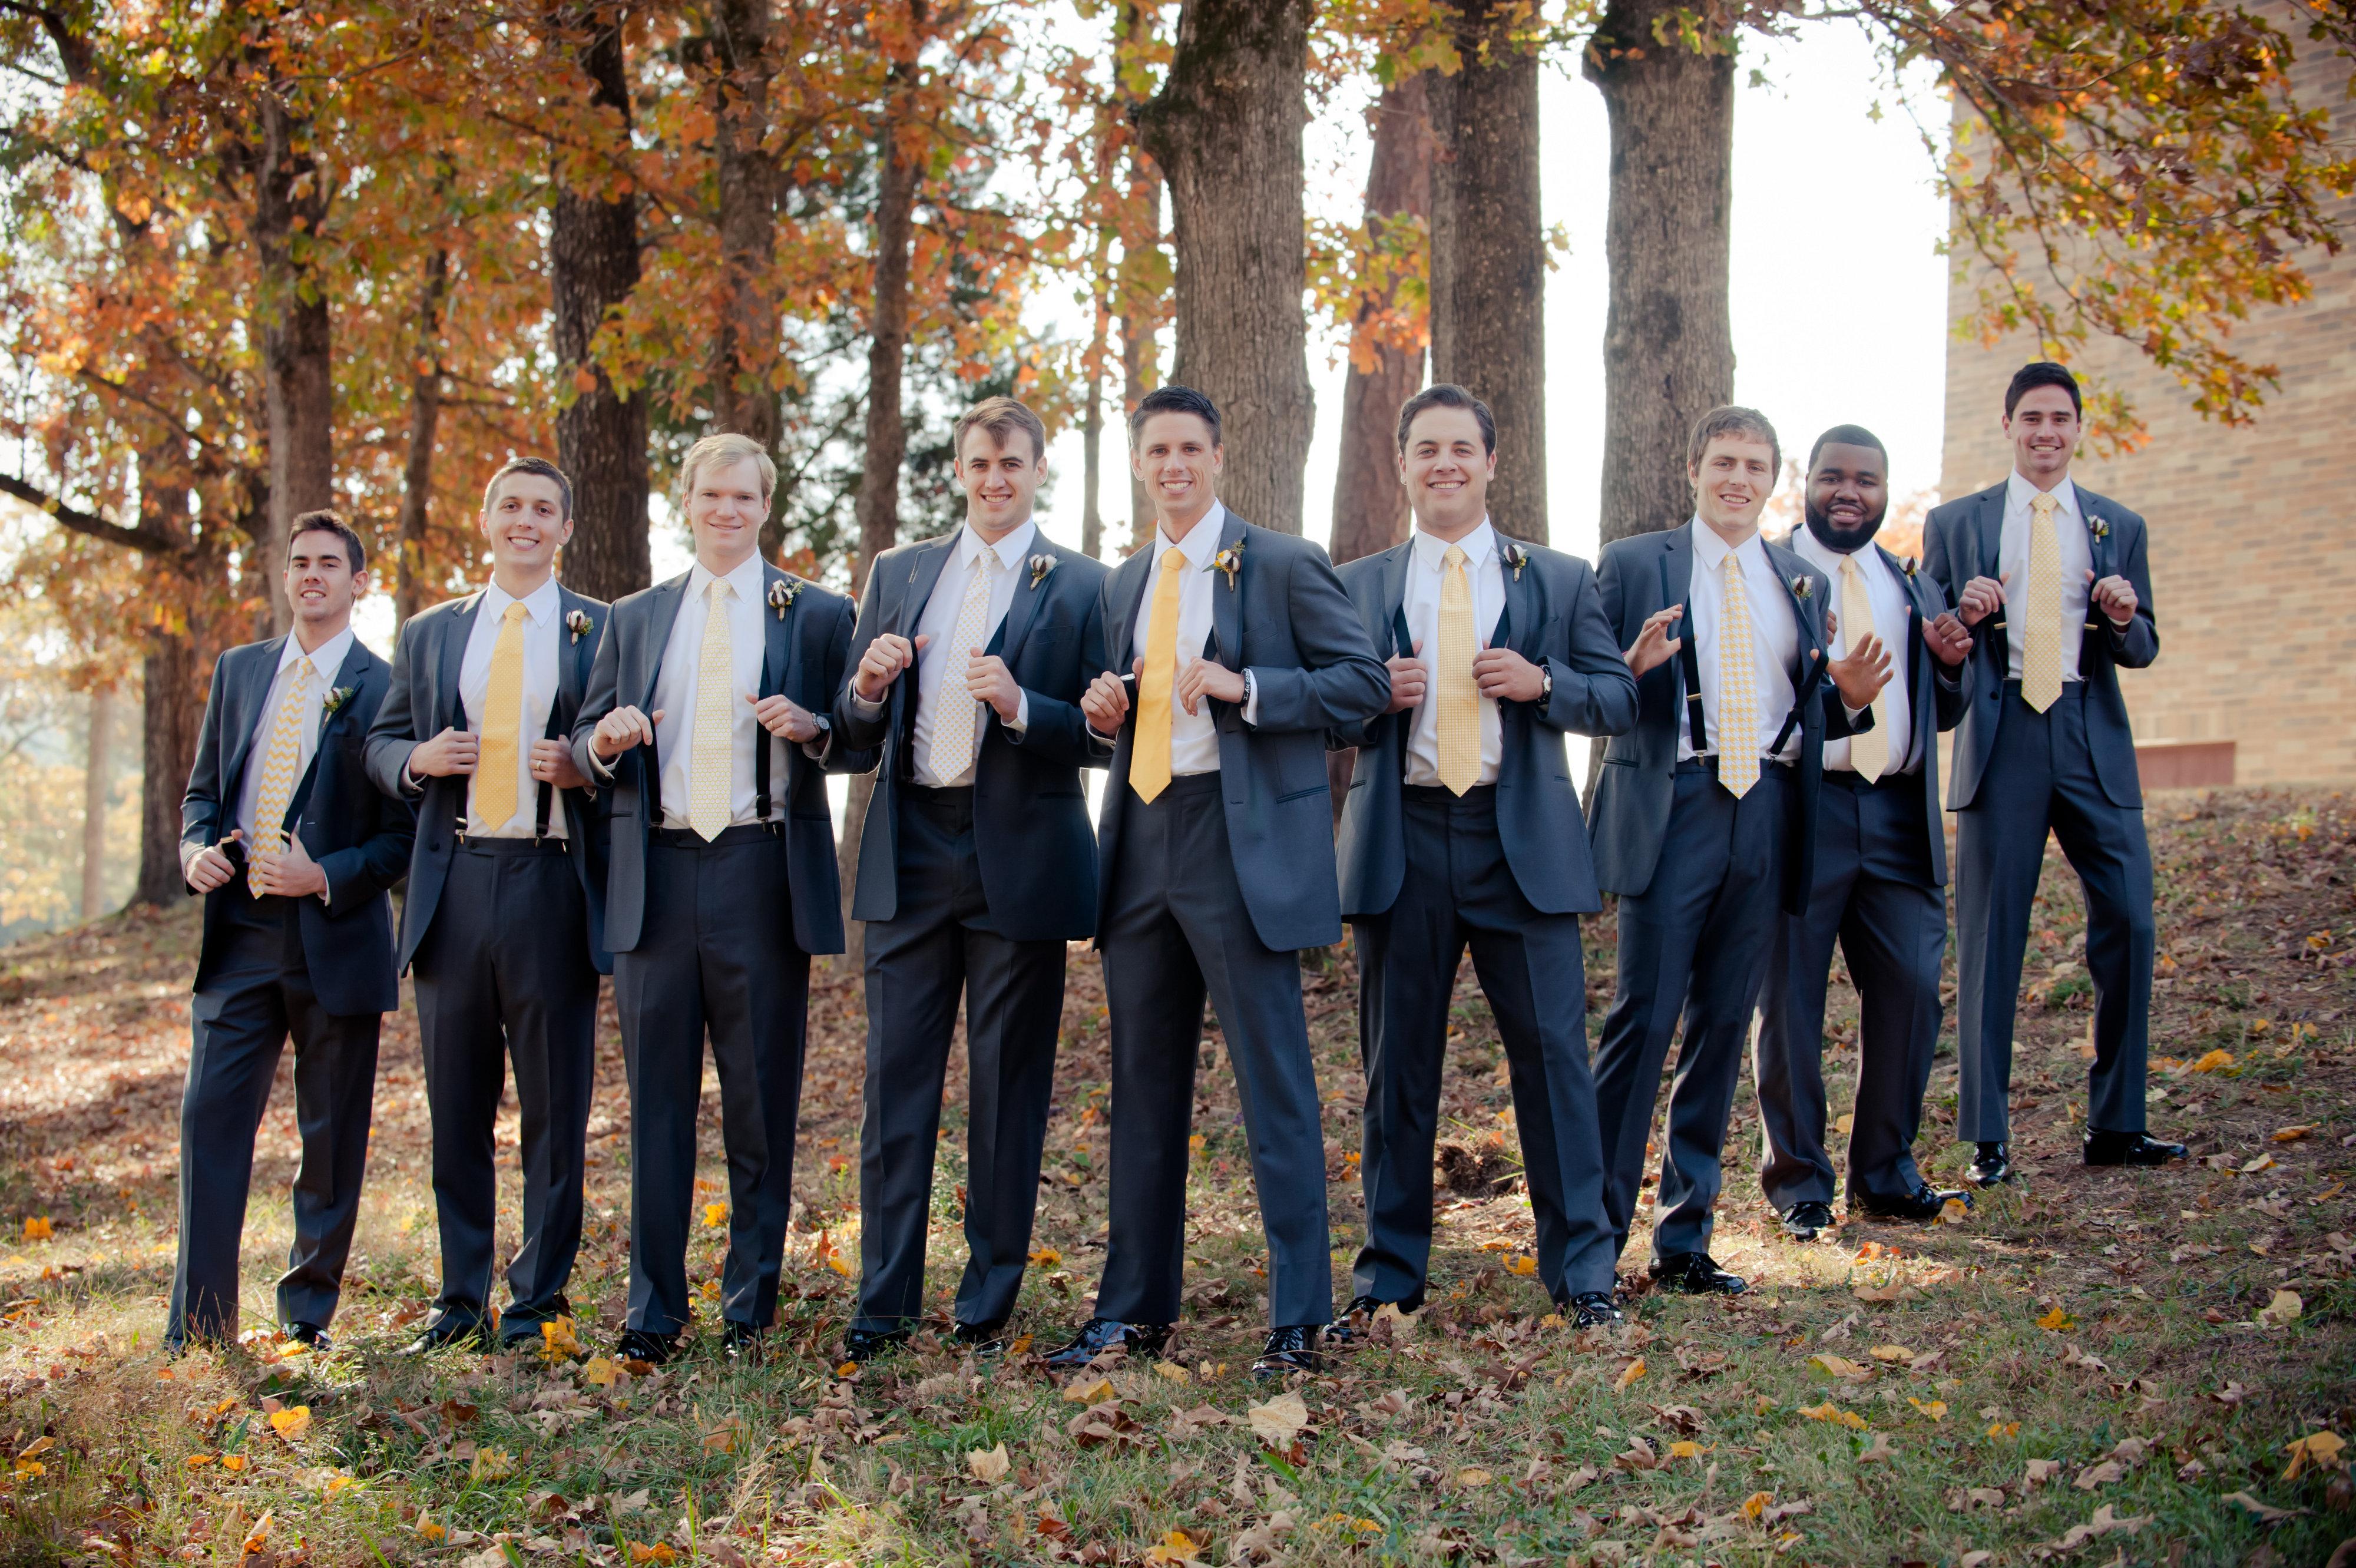 50 Groomsmen in suspender ideas - JJ Suspenders